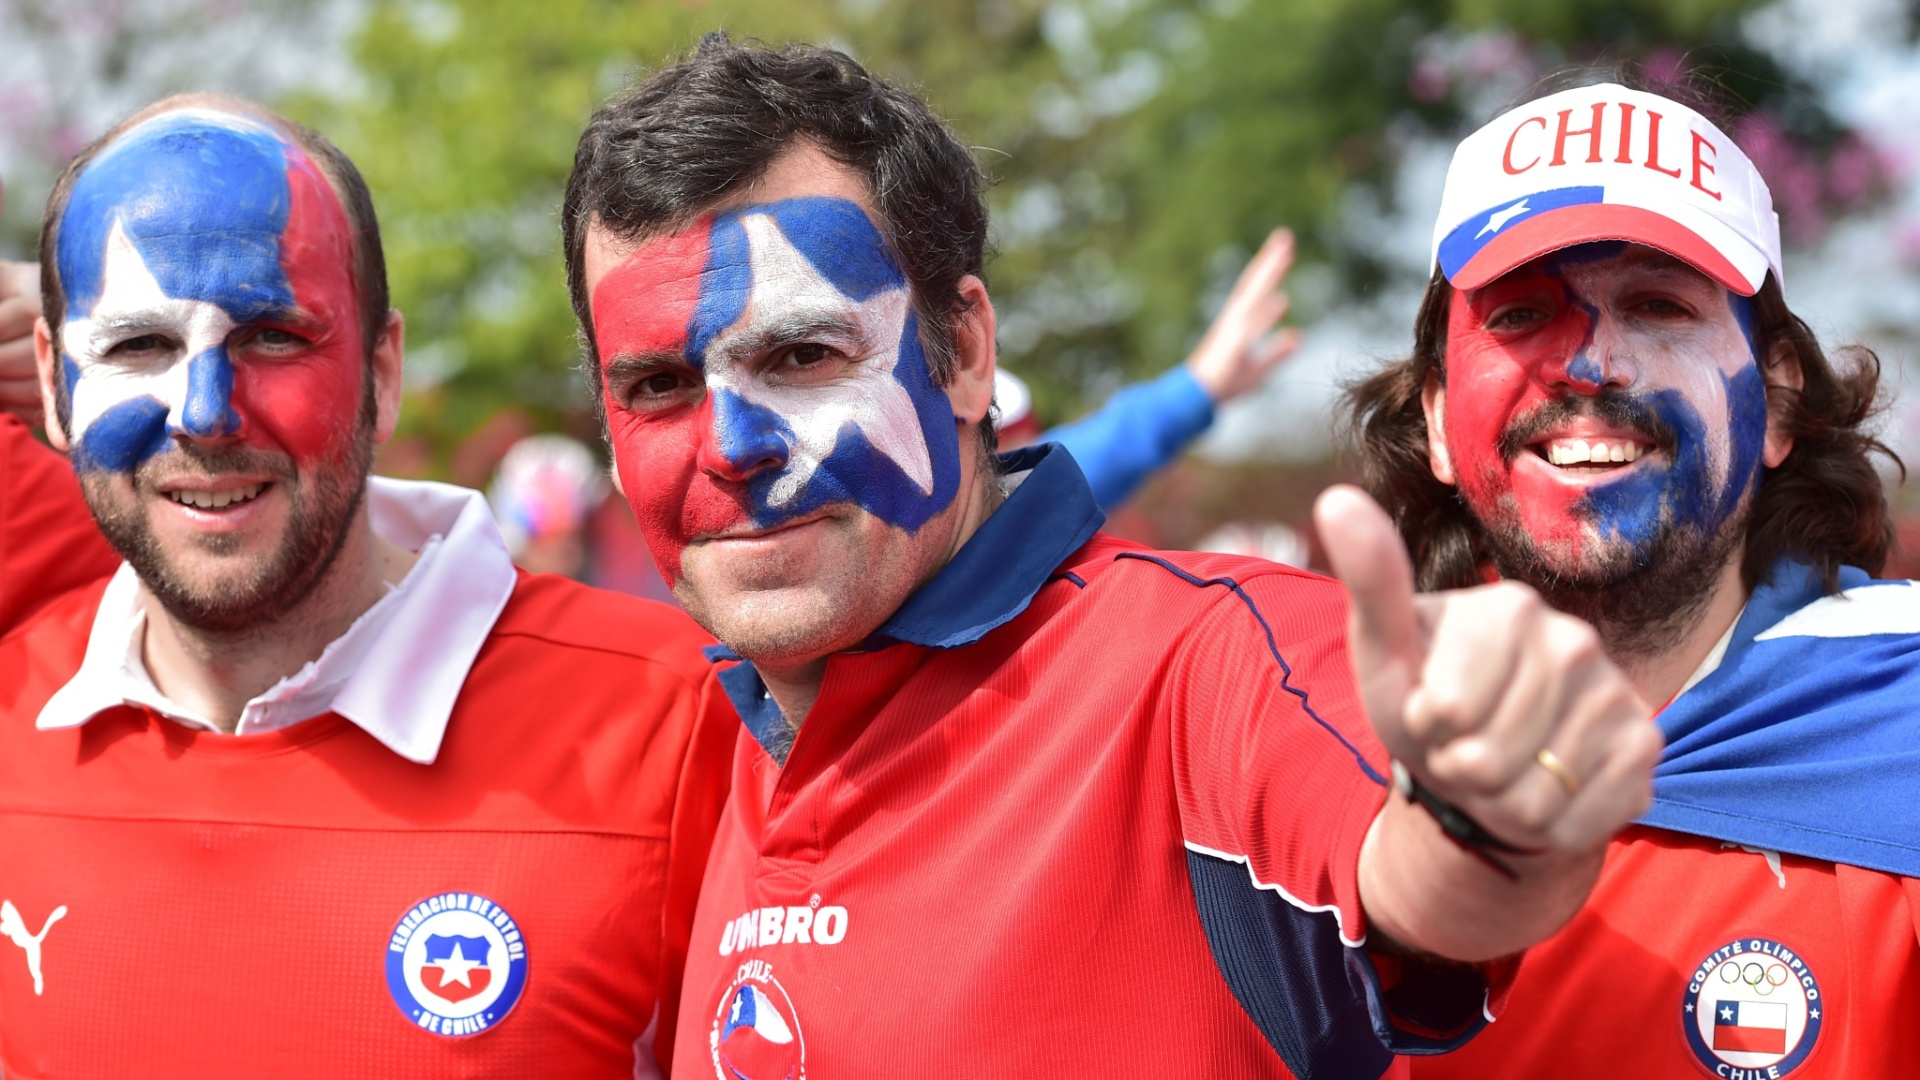 Chilenos chegam ao Itaquerão para a partida contra a Holanda